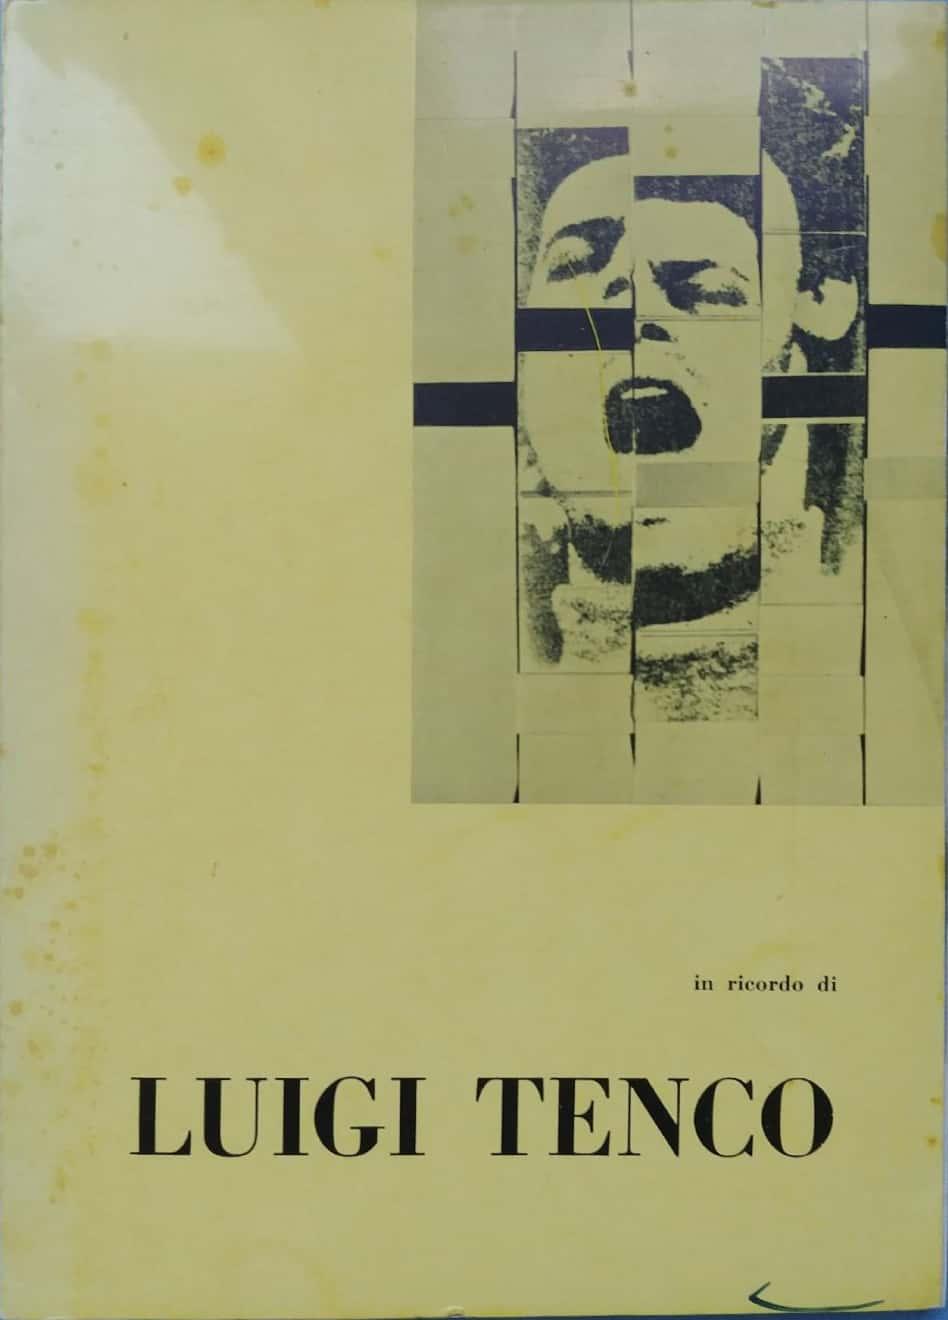 Un rarissimo instant book su Luigi Tenco (1968), ricordato dai suoi fan